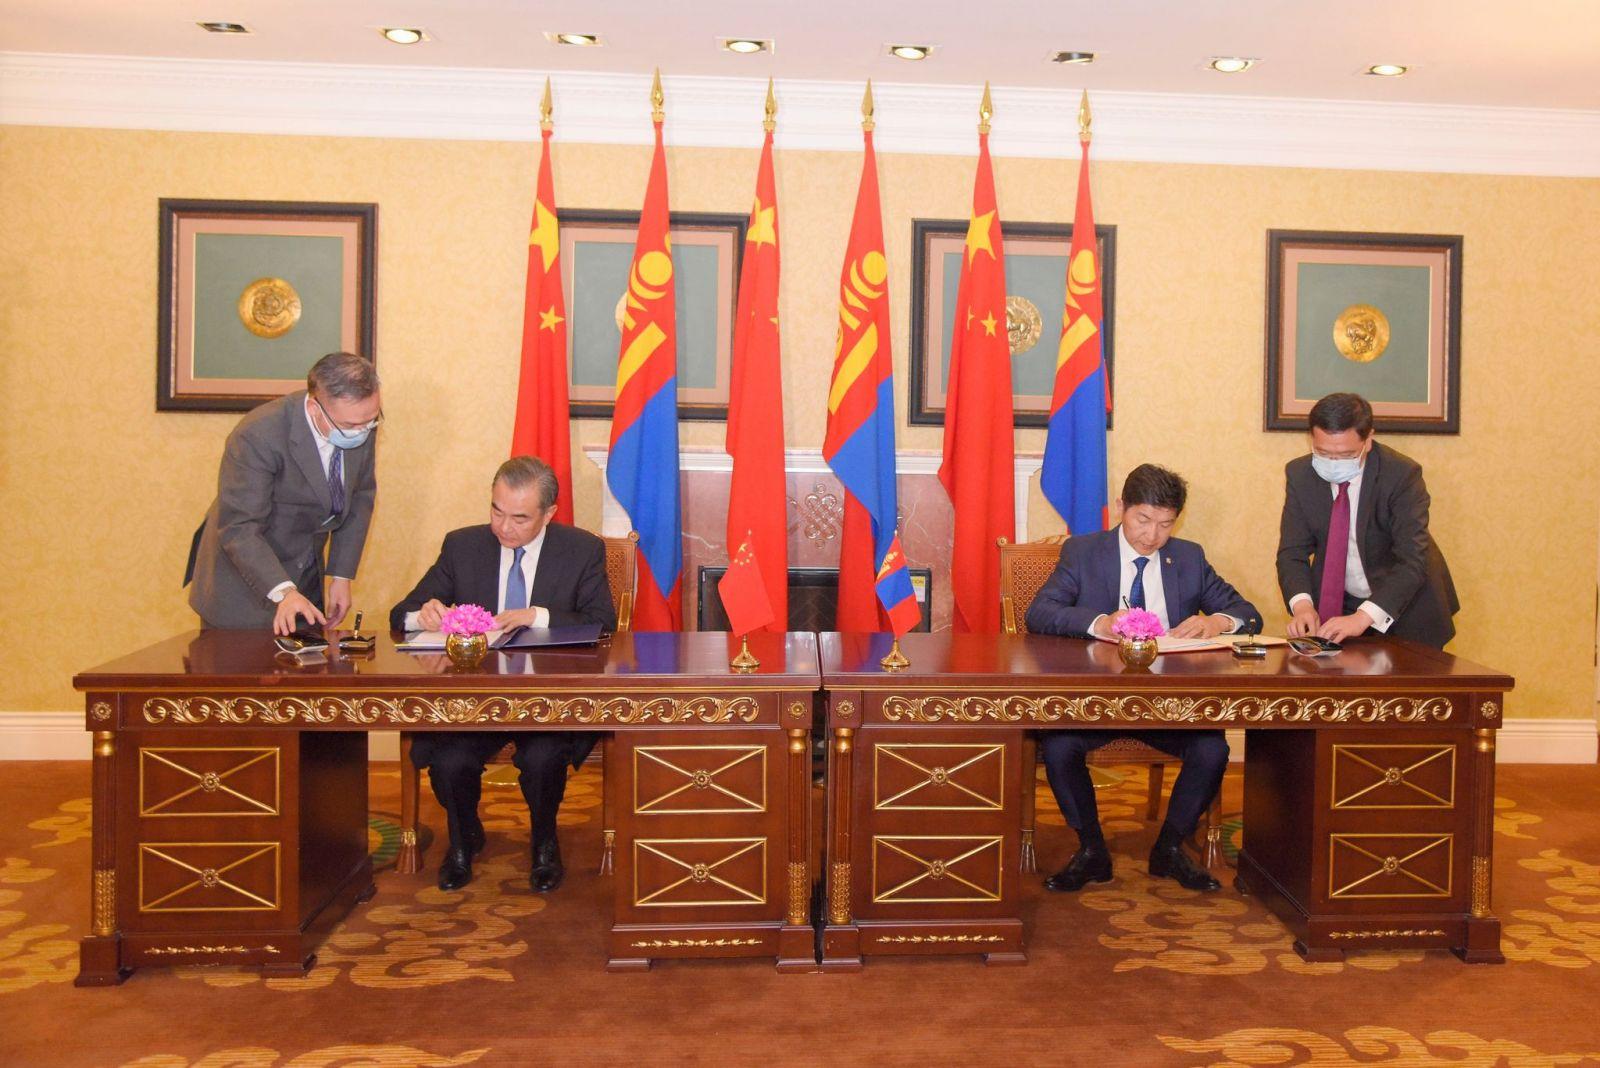 Монгол, Хятадын соёл, боловсрол, хүмүүнлэгийн хамтын ажиллагааг улам гүнзгийрүүлнэ